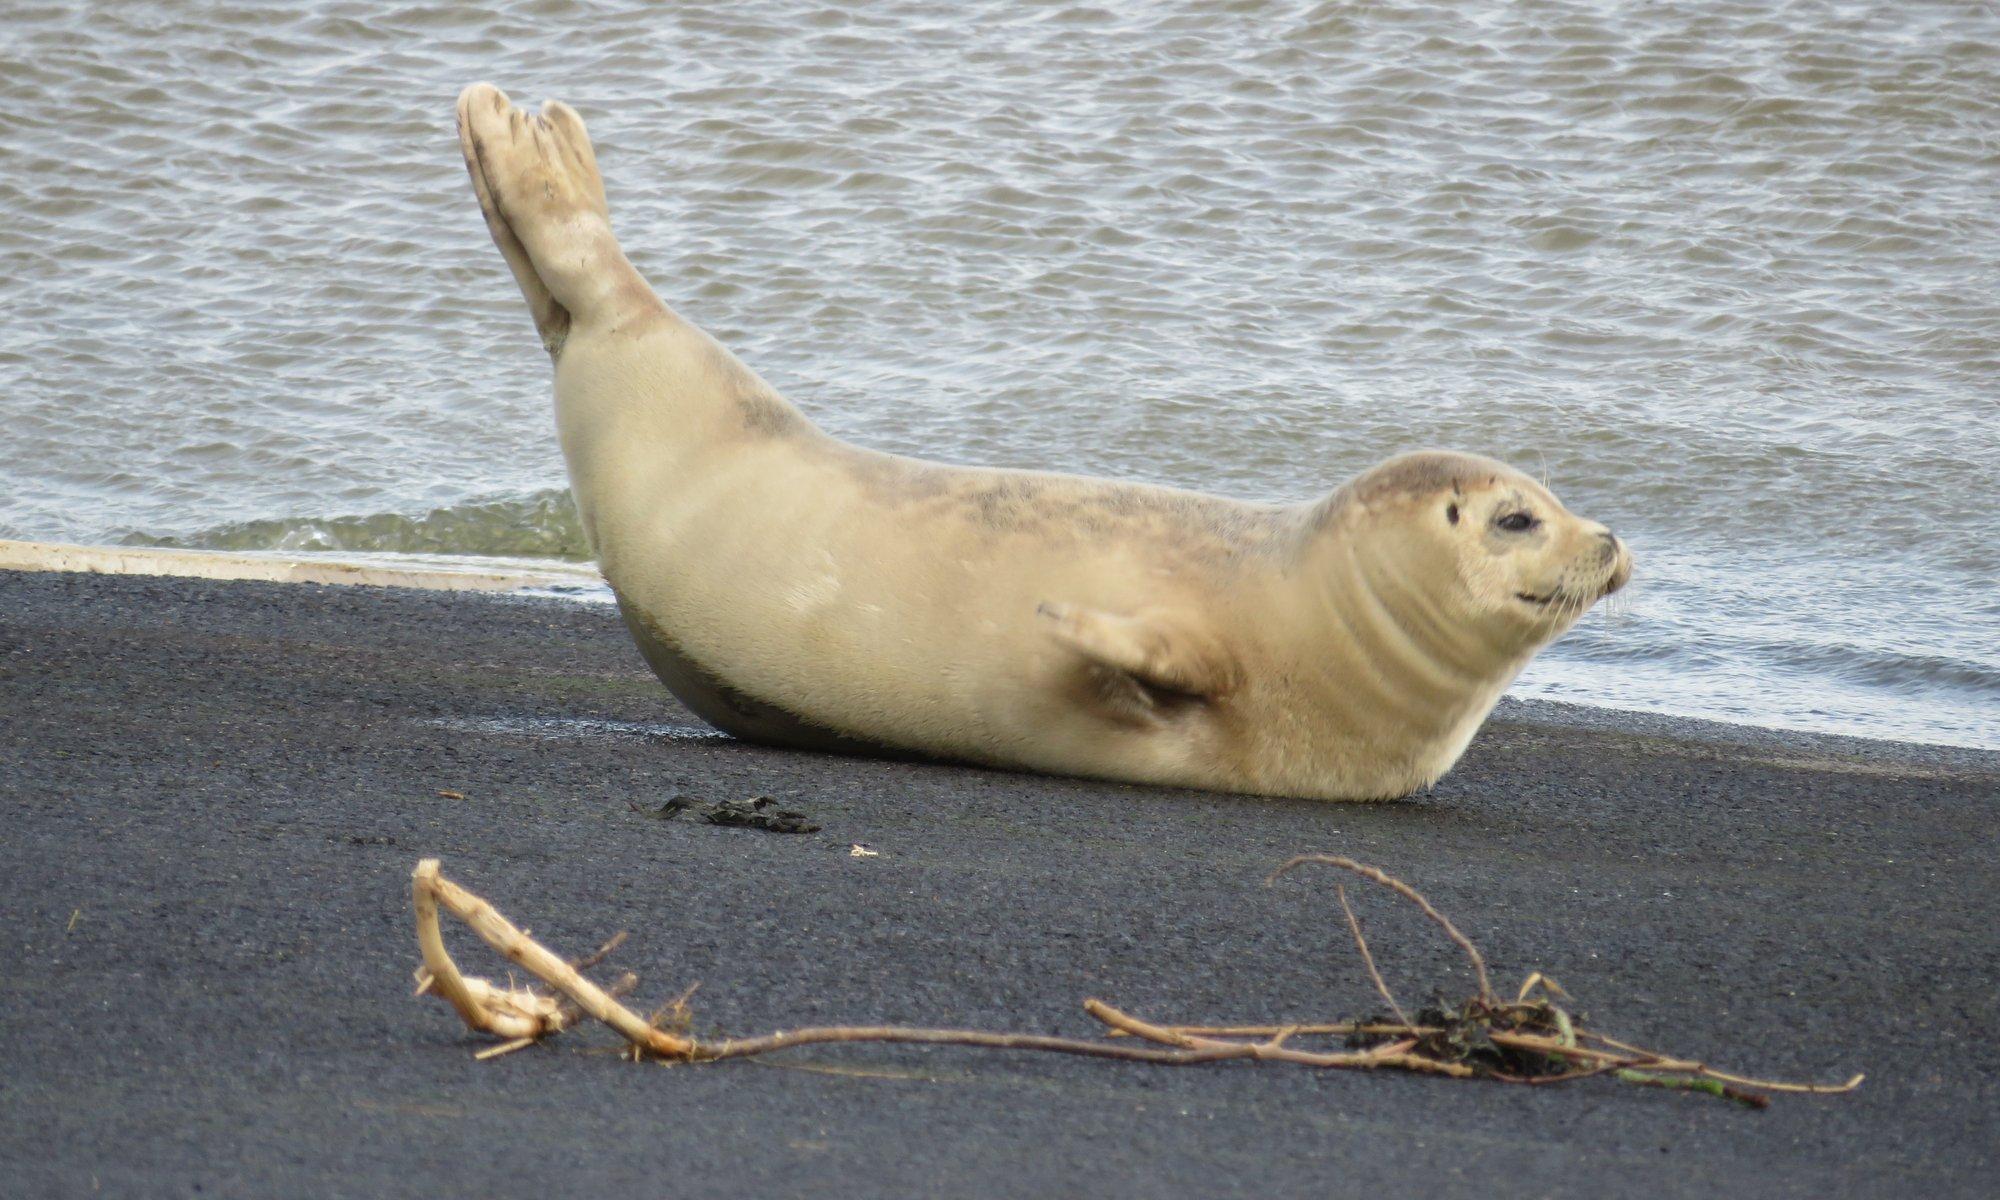 Zeehondenopvang Eemsdelta